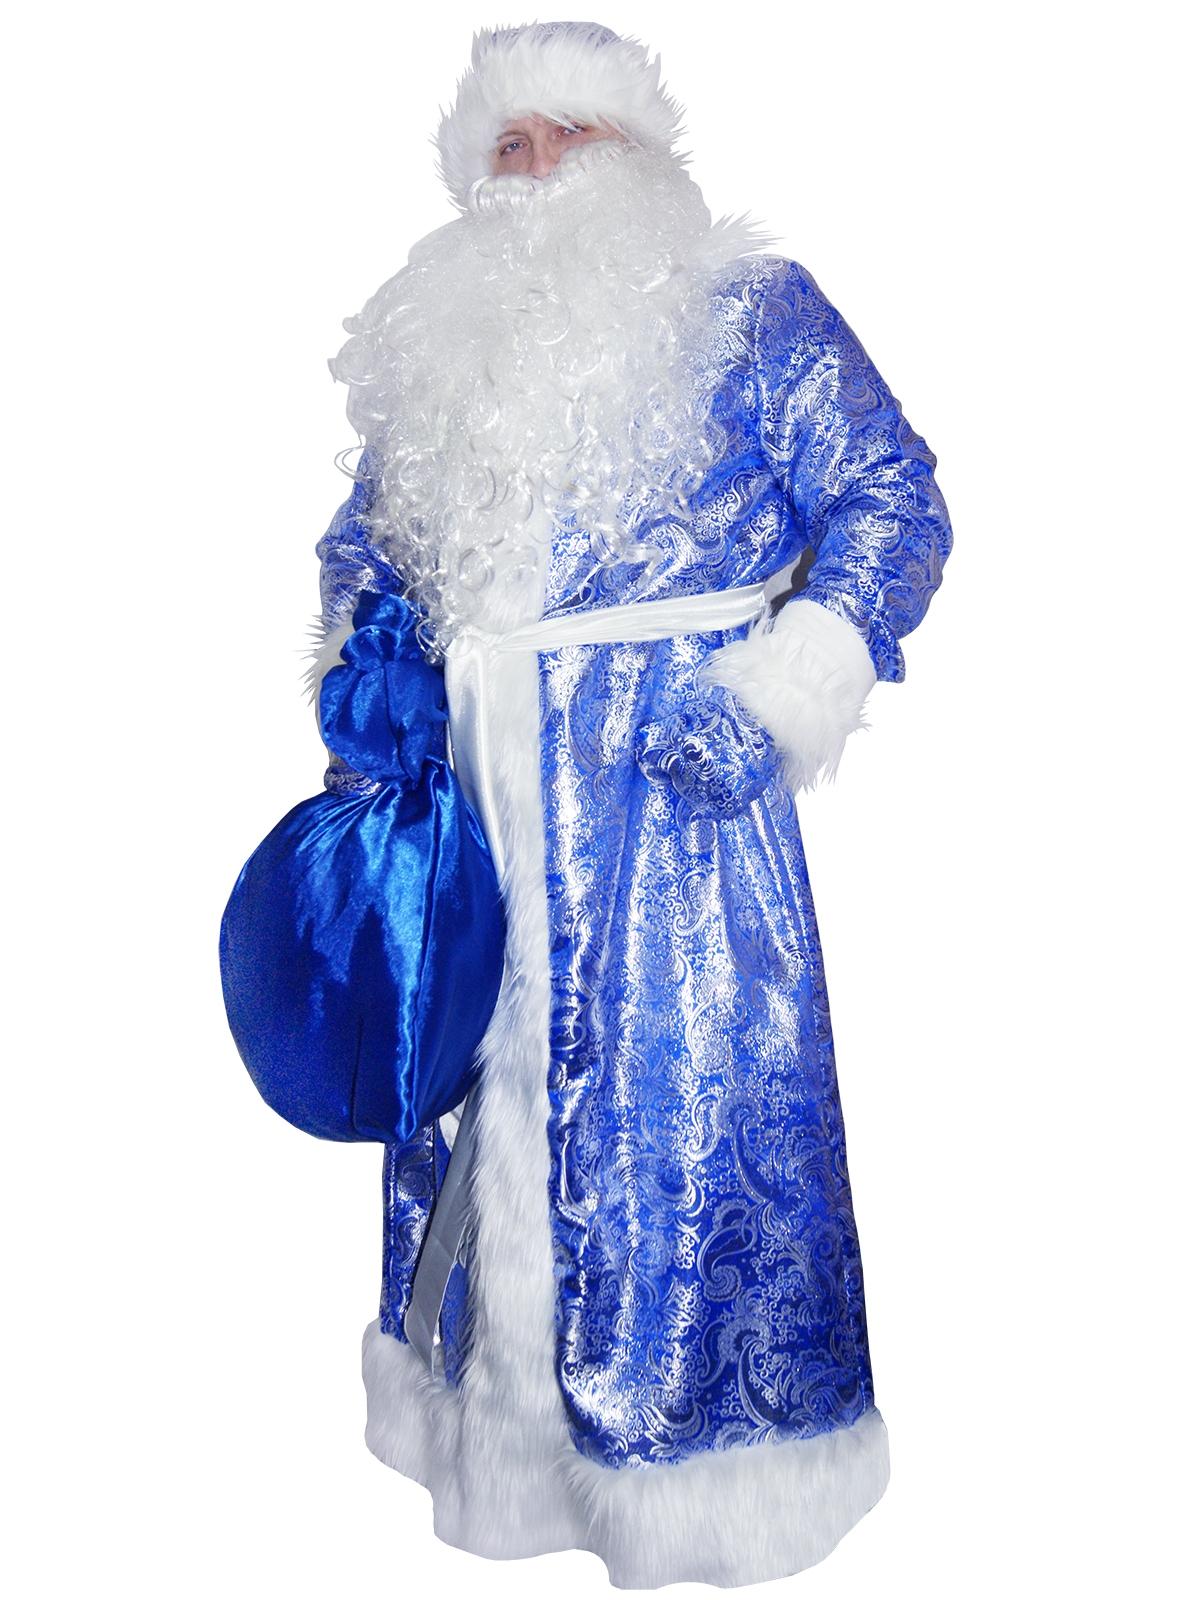 где можно картинка деда мороза в синем костюме стиле прованс